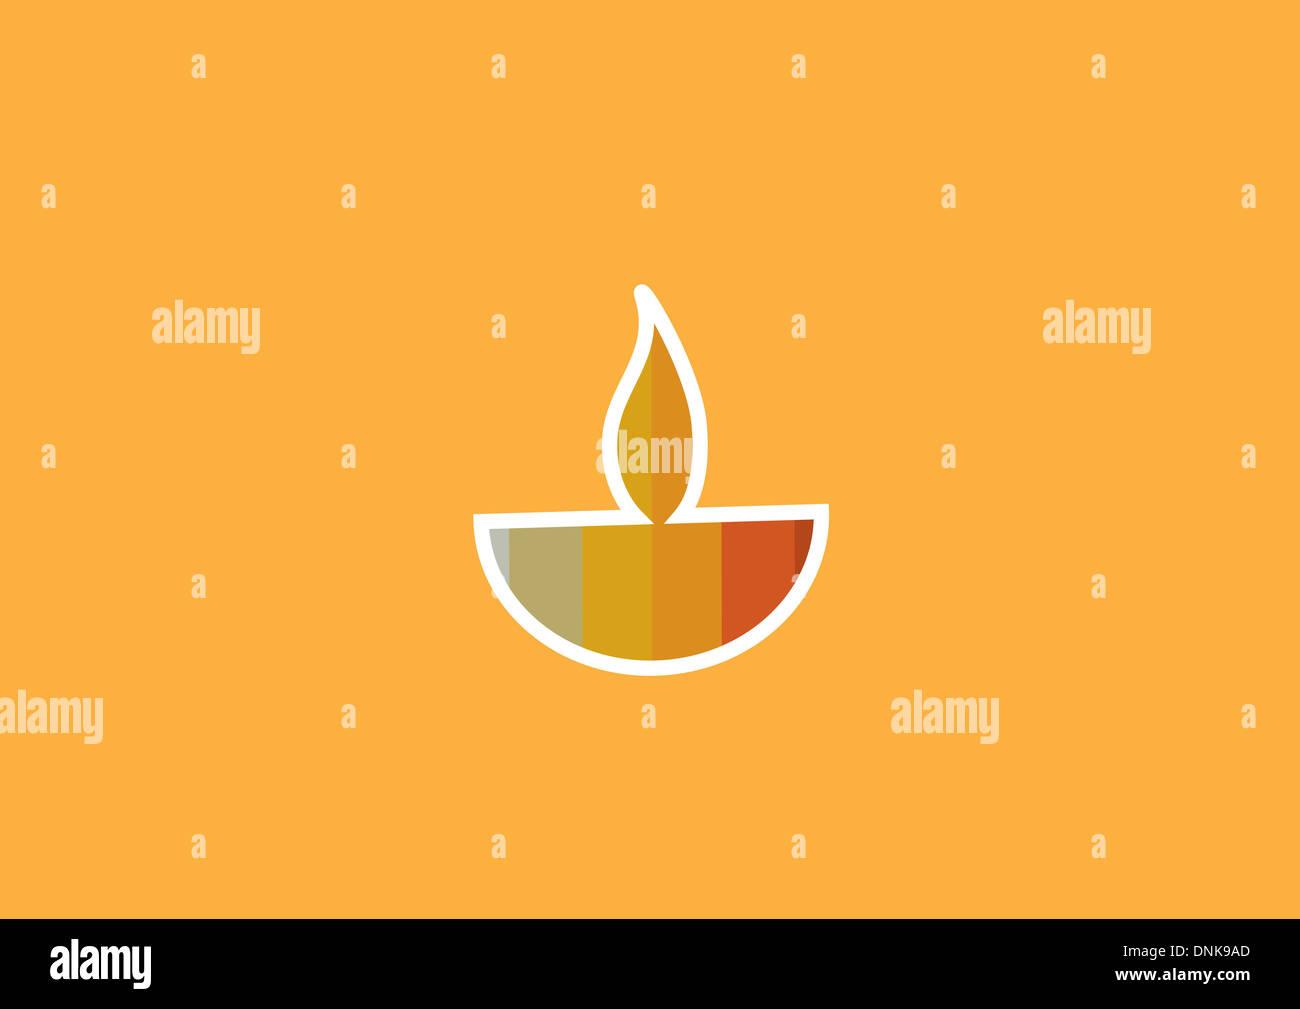 Diwali oil lamp isolated on orange background Stock Photo